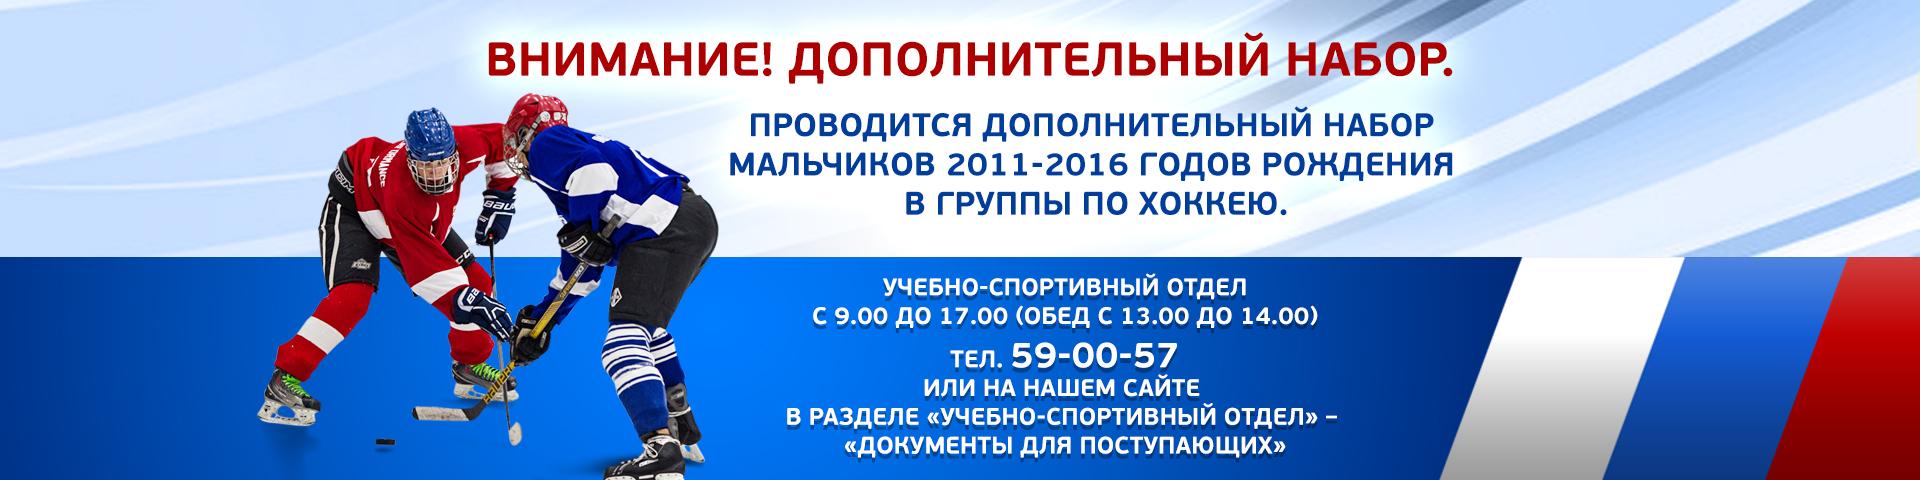 banner-10-2020-donabor-hokkey